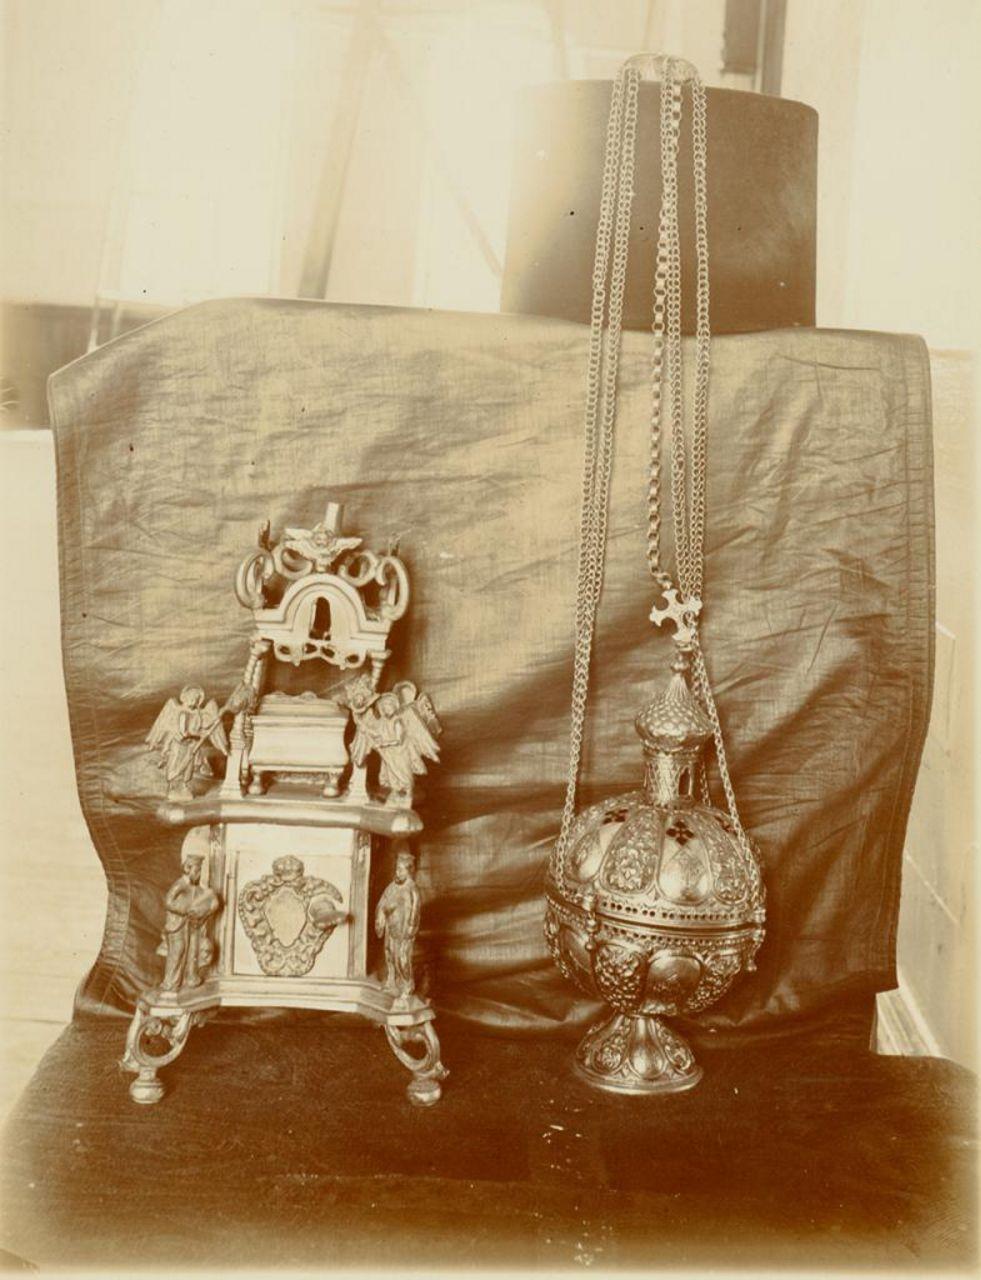 Церковная утварь. Серебряное кадило 1636 г. и оловянная дарохранительница. 1901